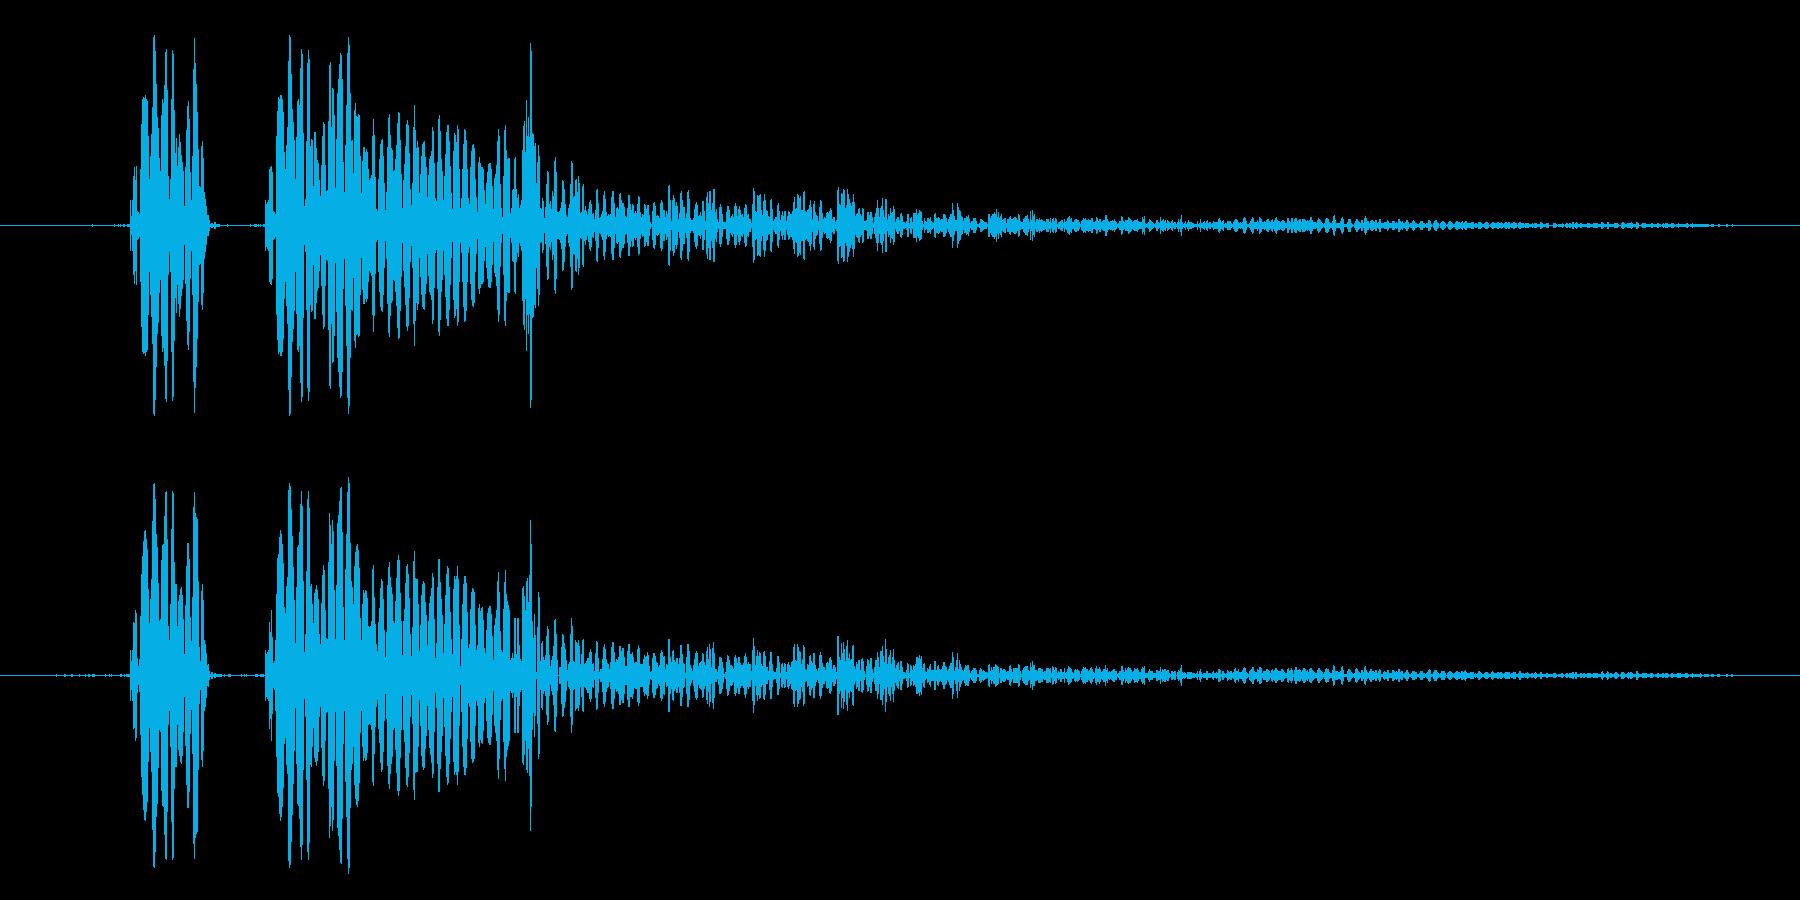 「ポヨン!」コミカルな足音や演出に!07の再生済みの波形